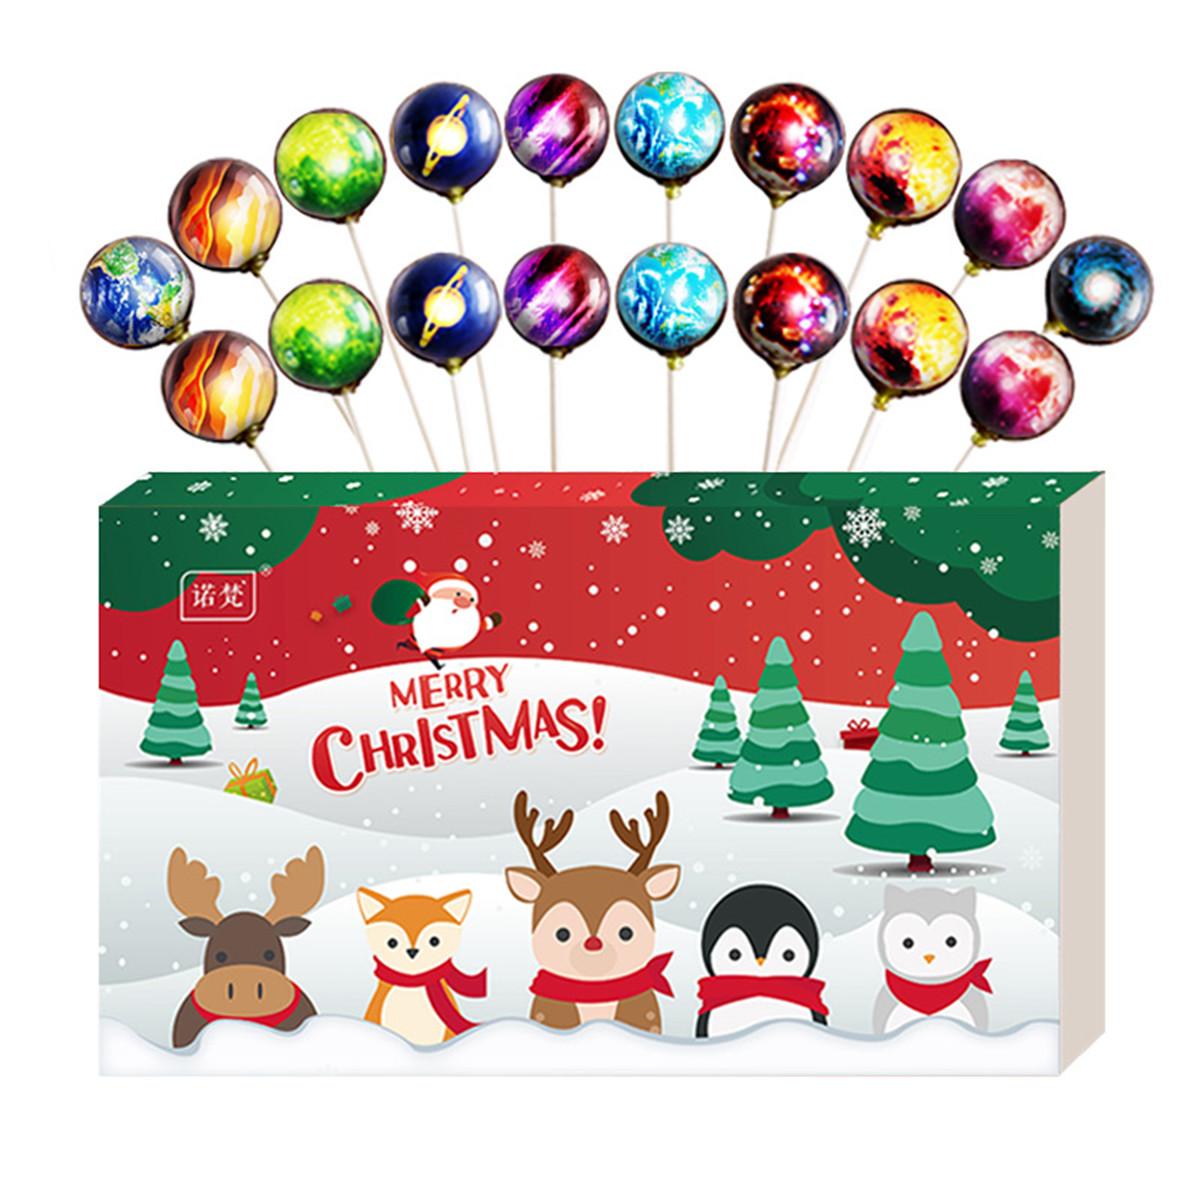 巧诺梵圣诞节创意糖果星空糖棒棒糖礼盒装送女友生日情人节礼物零食年货COLOR其它颜色